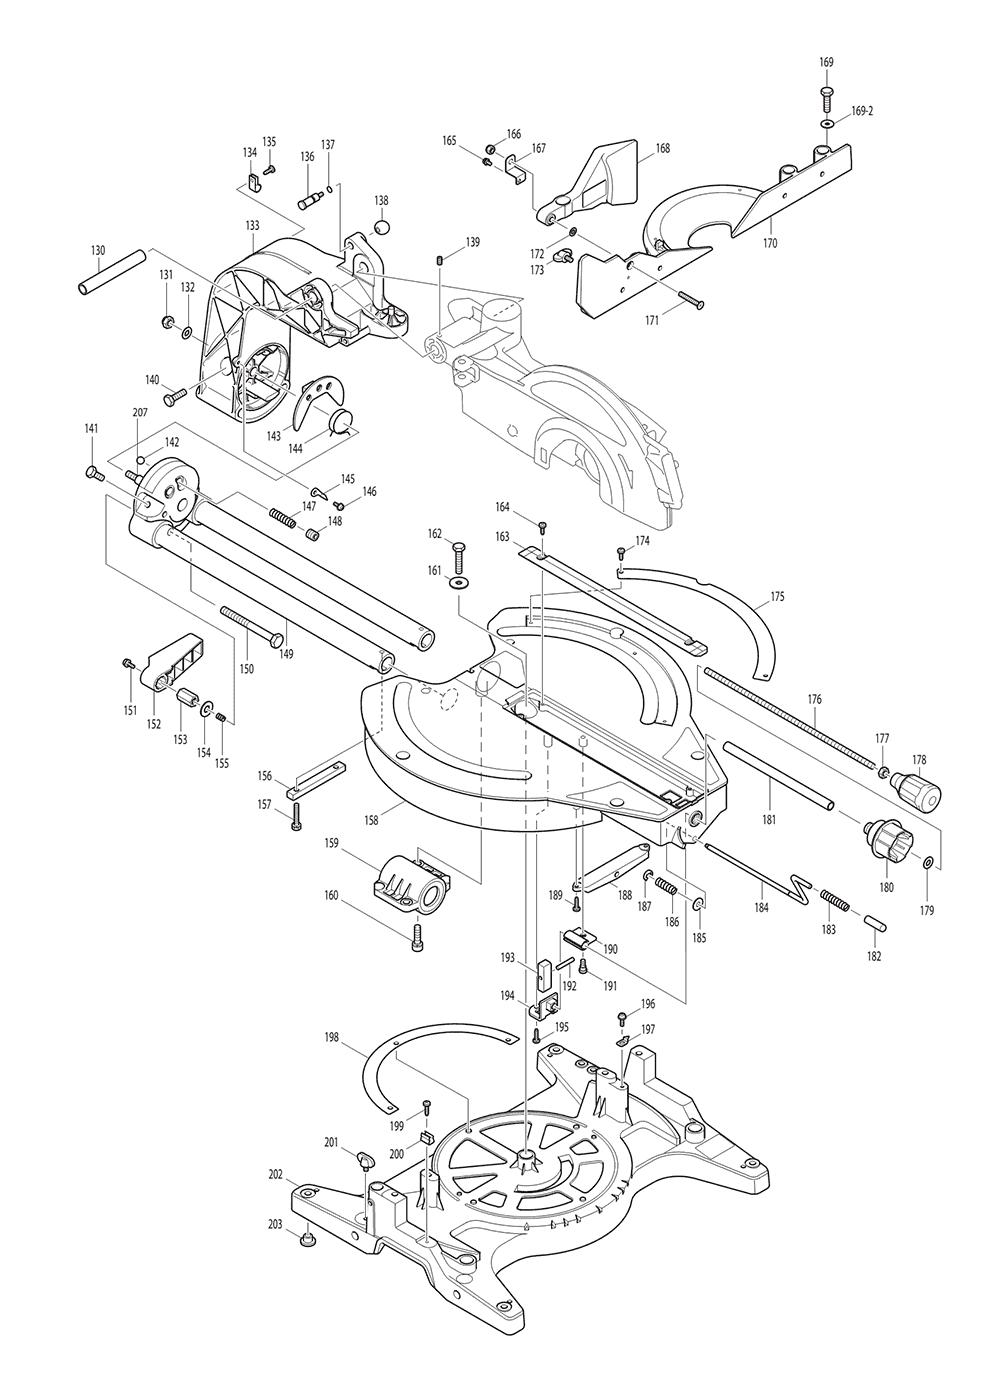 LS1214LX1-T1-Makita-PB-1Break Down